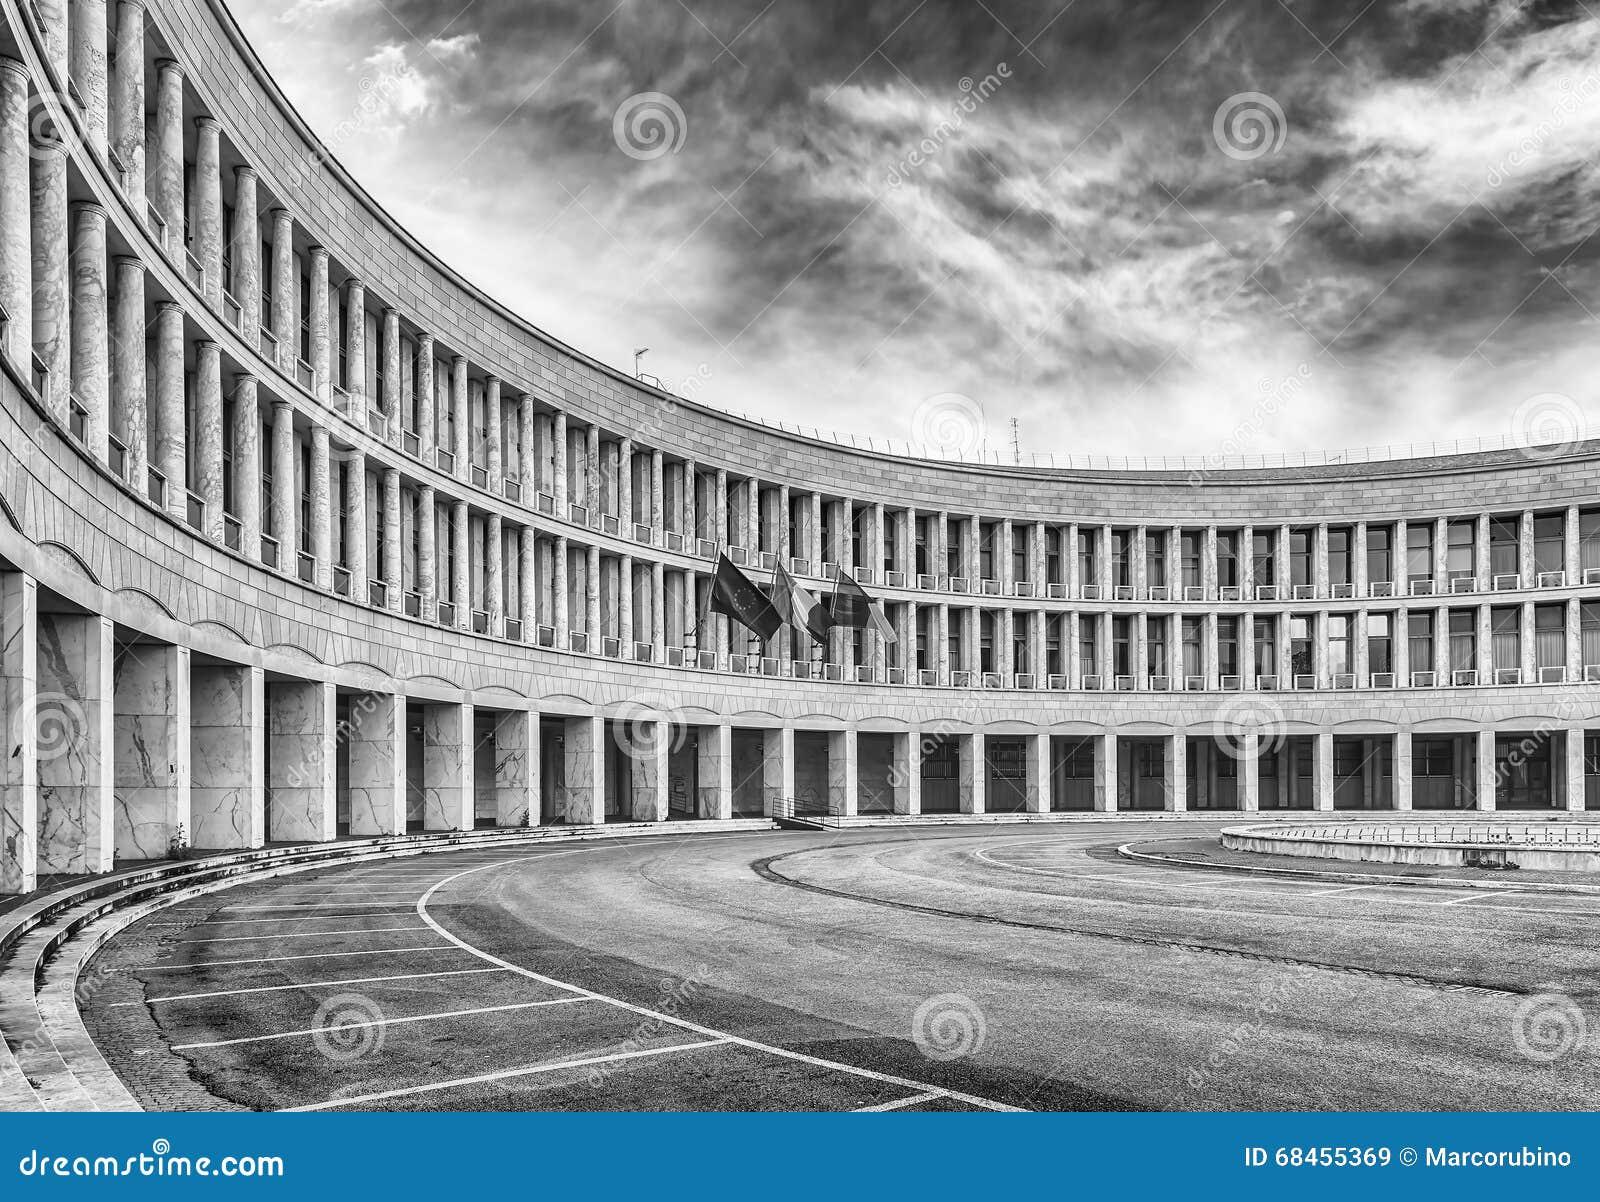 Architettura neoclassica nel distretto di eur roma for Architettura fascista in italia